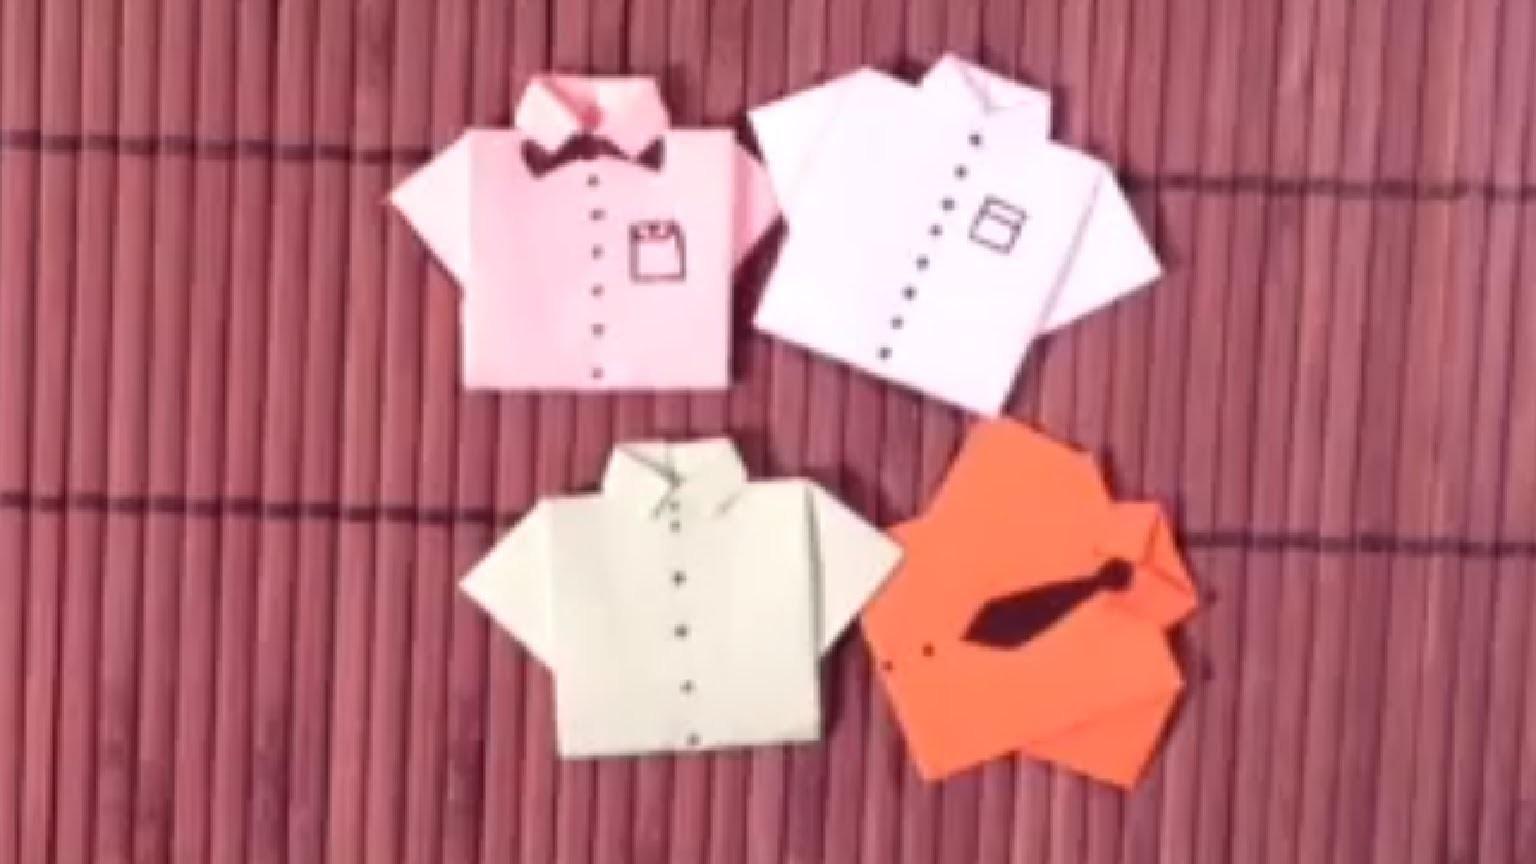 Faire des chemises en origami - Astuce pliage